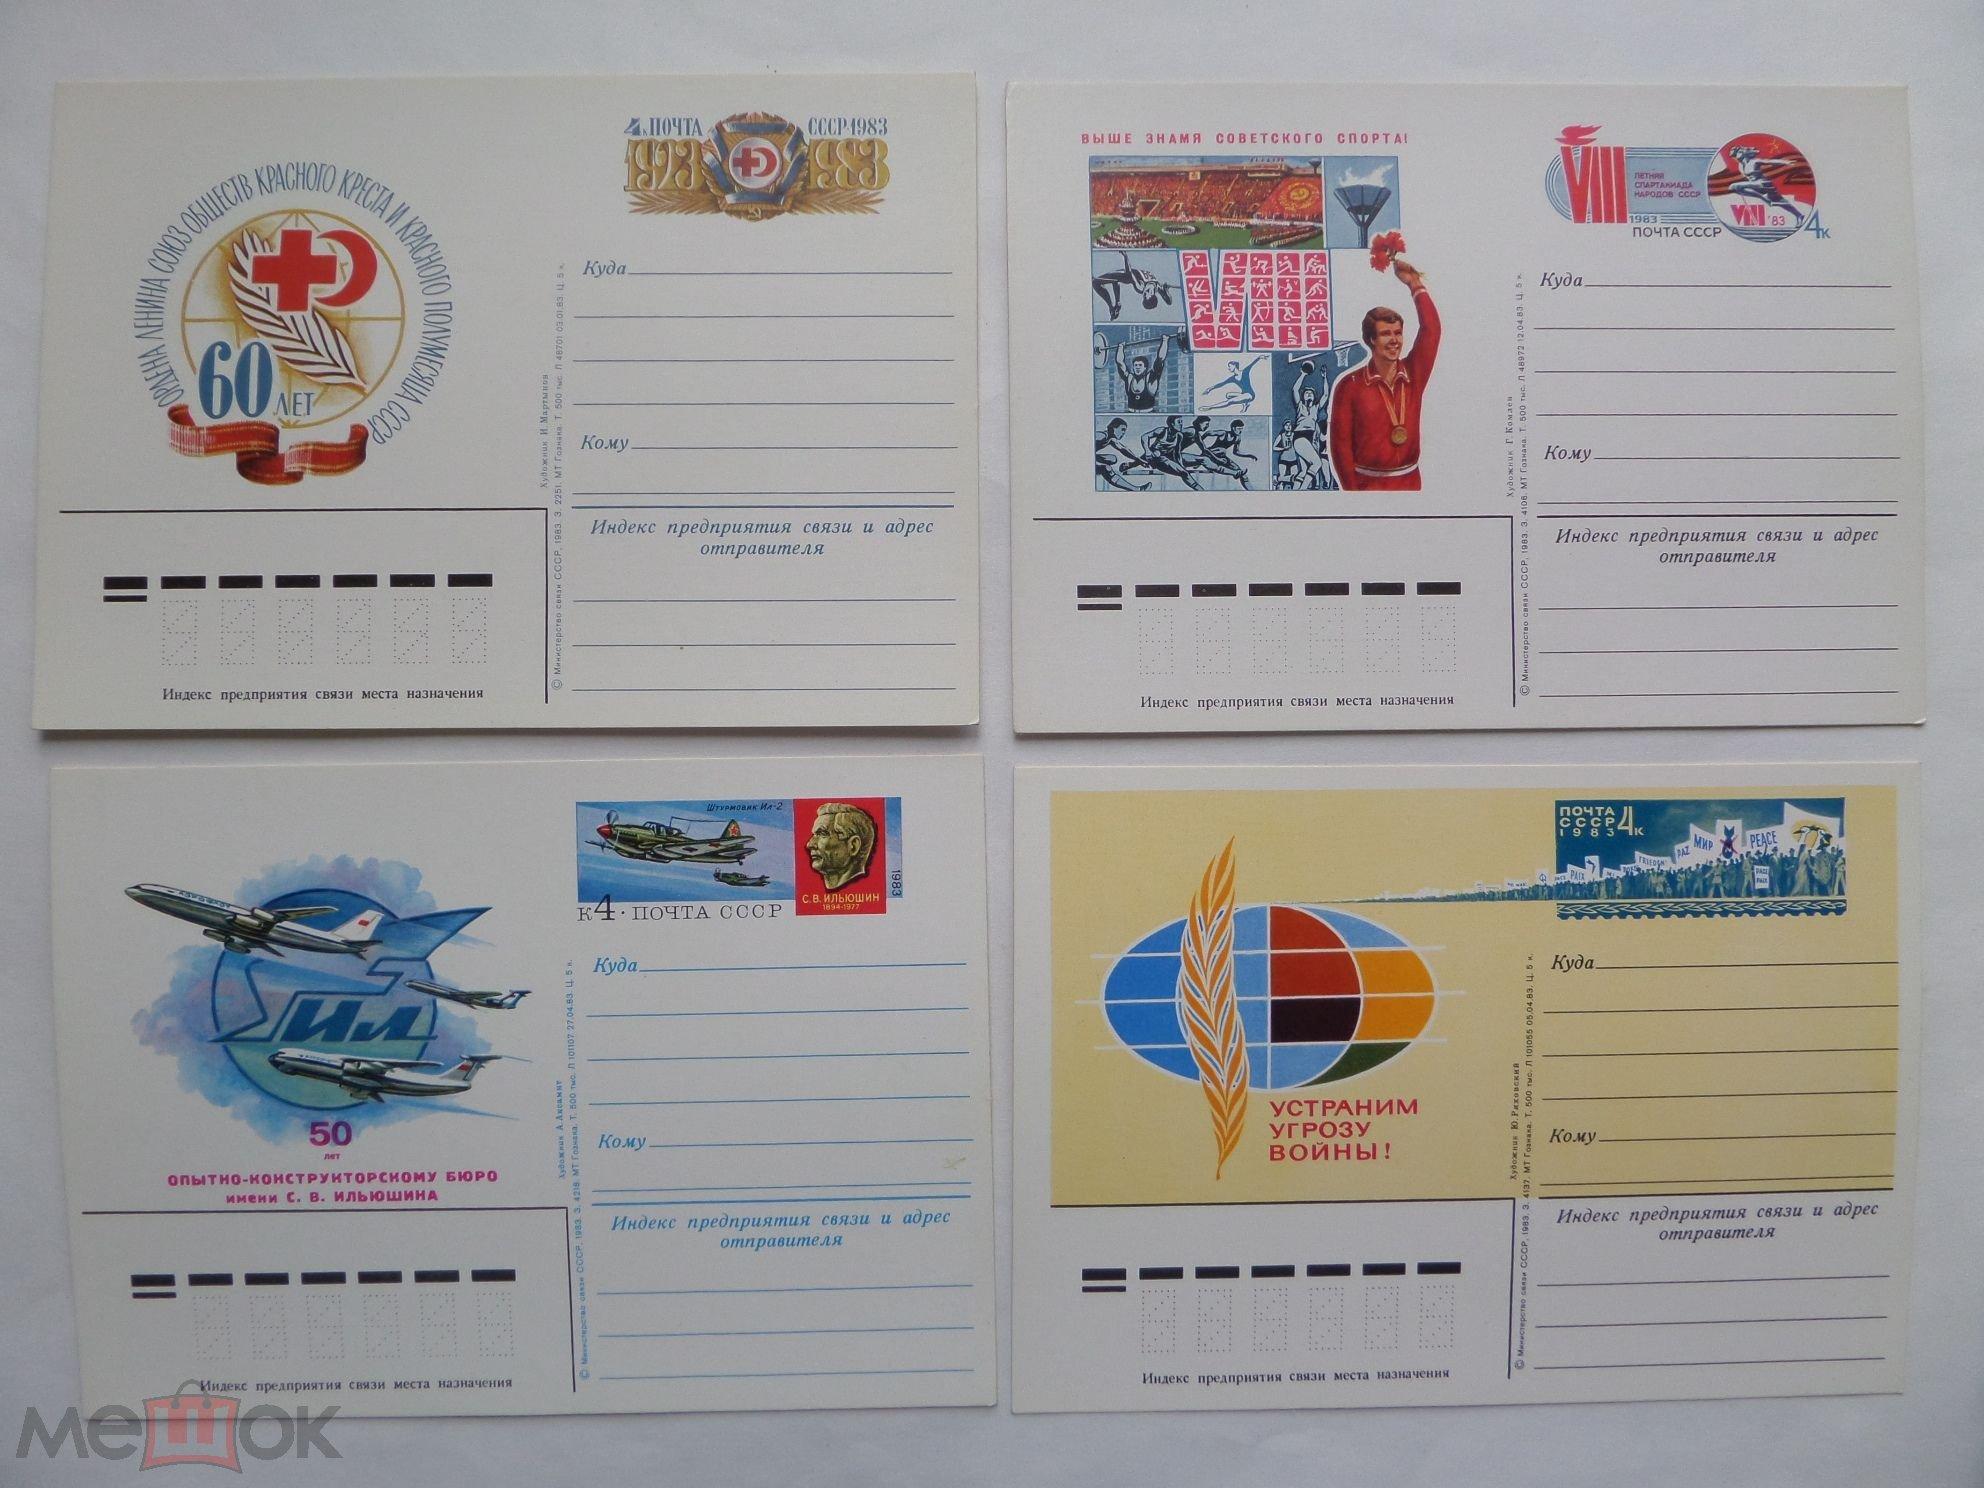 Почтовые карточки СССР. От 30 рубей